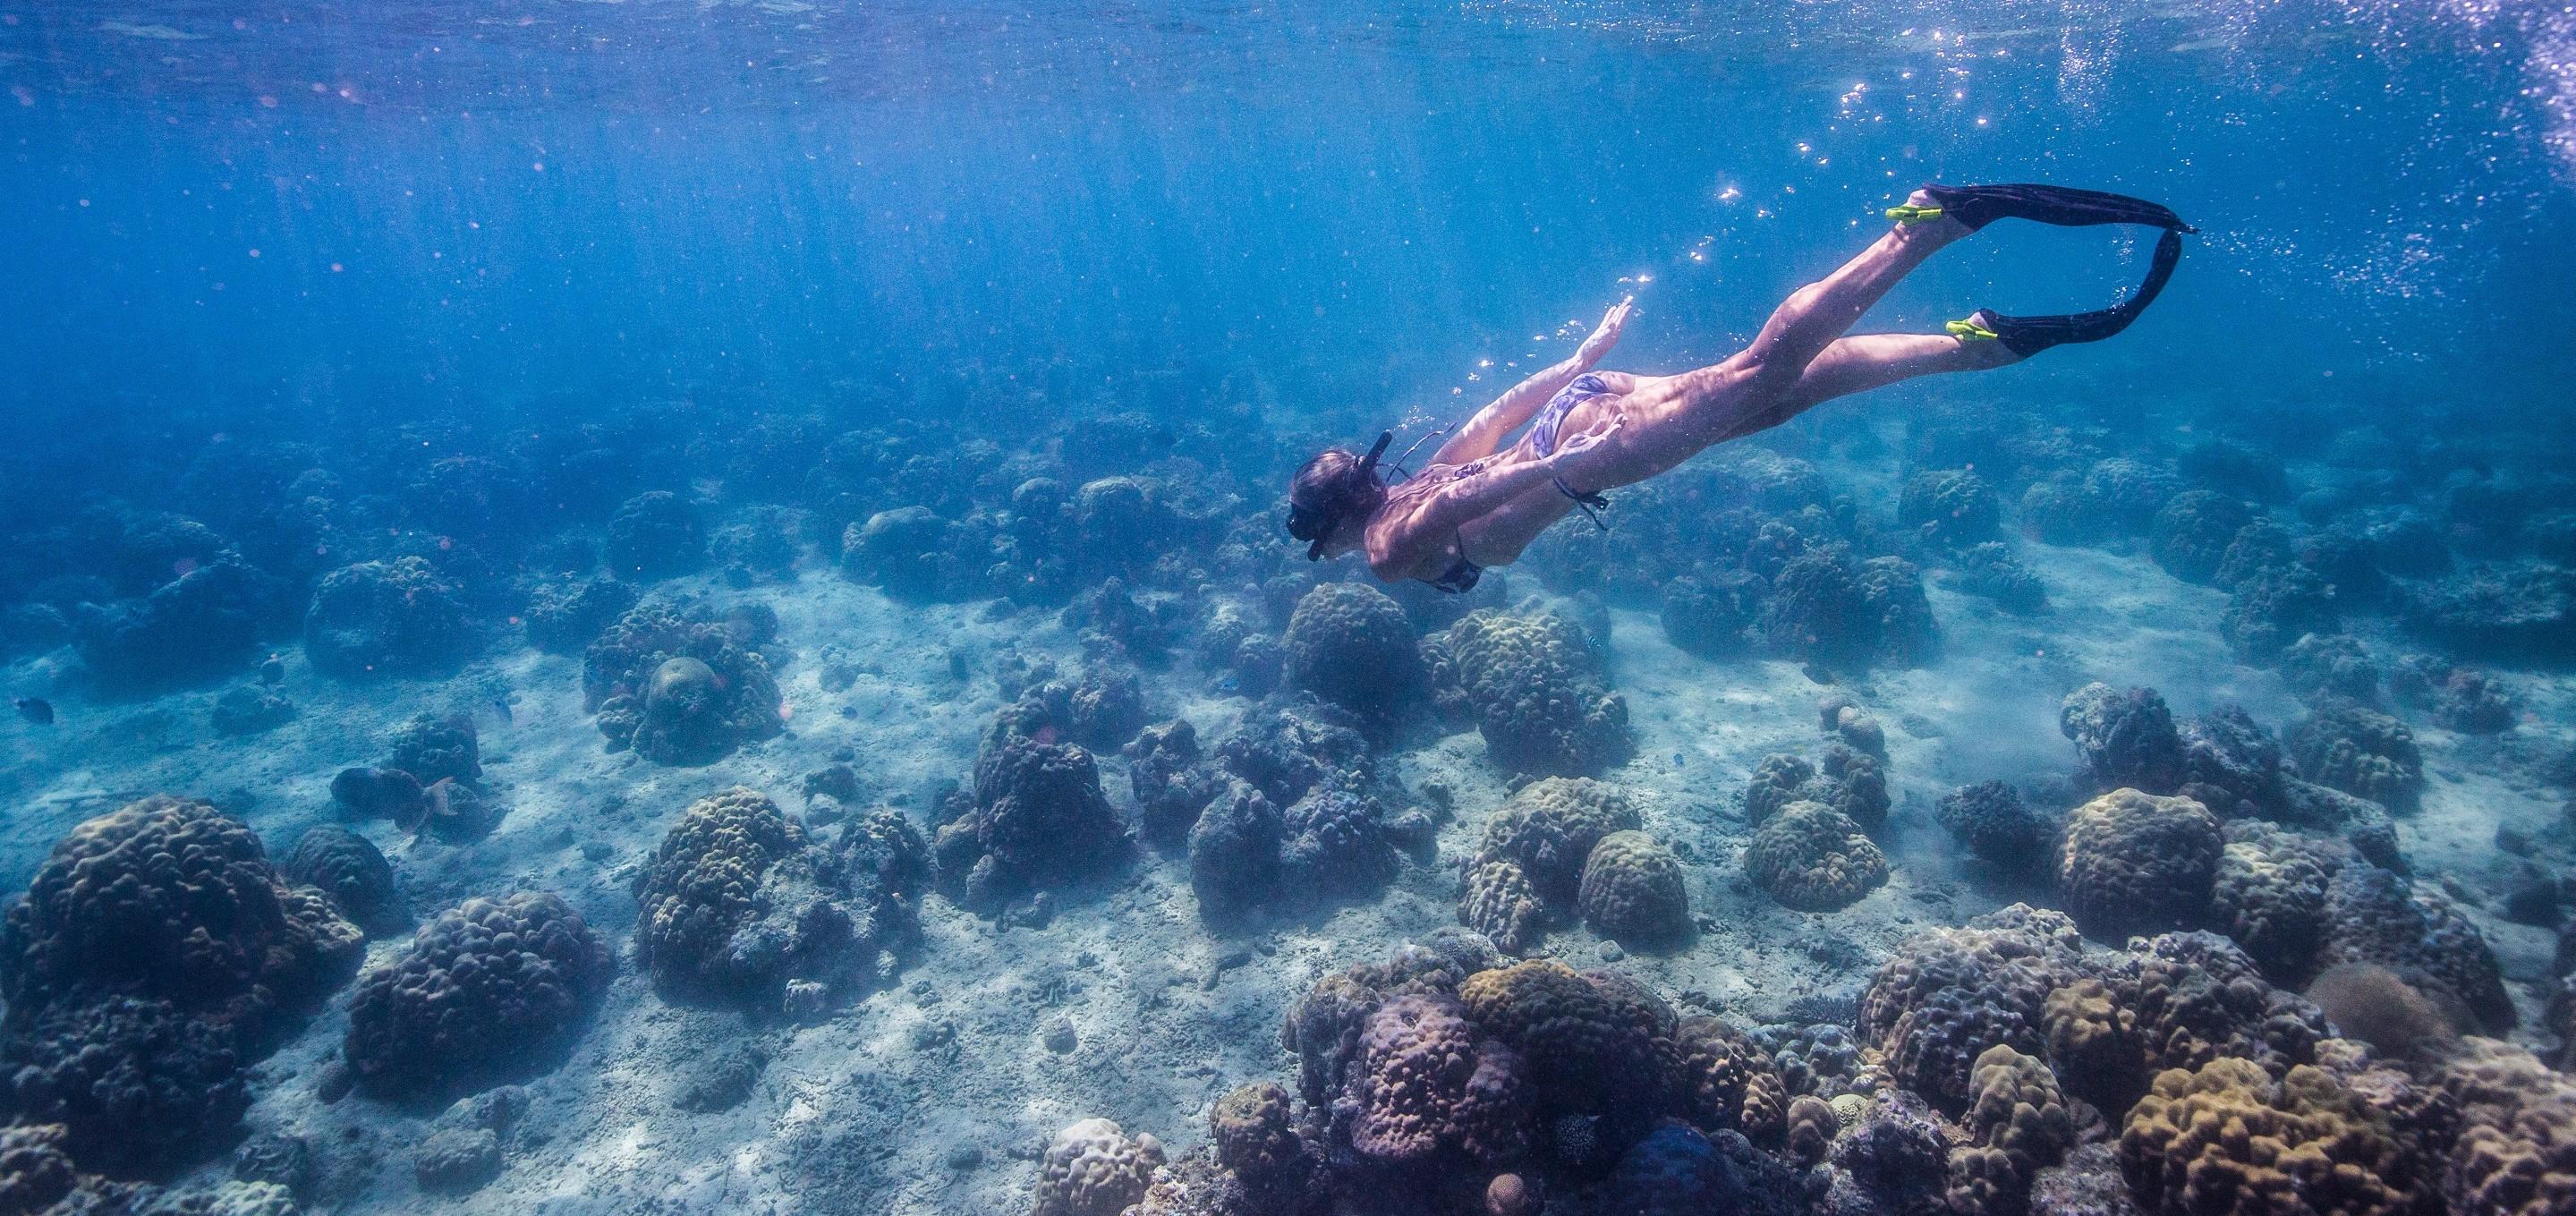 azura_quilalea_snorkeling_indian_ocean